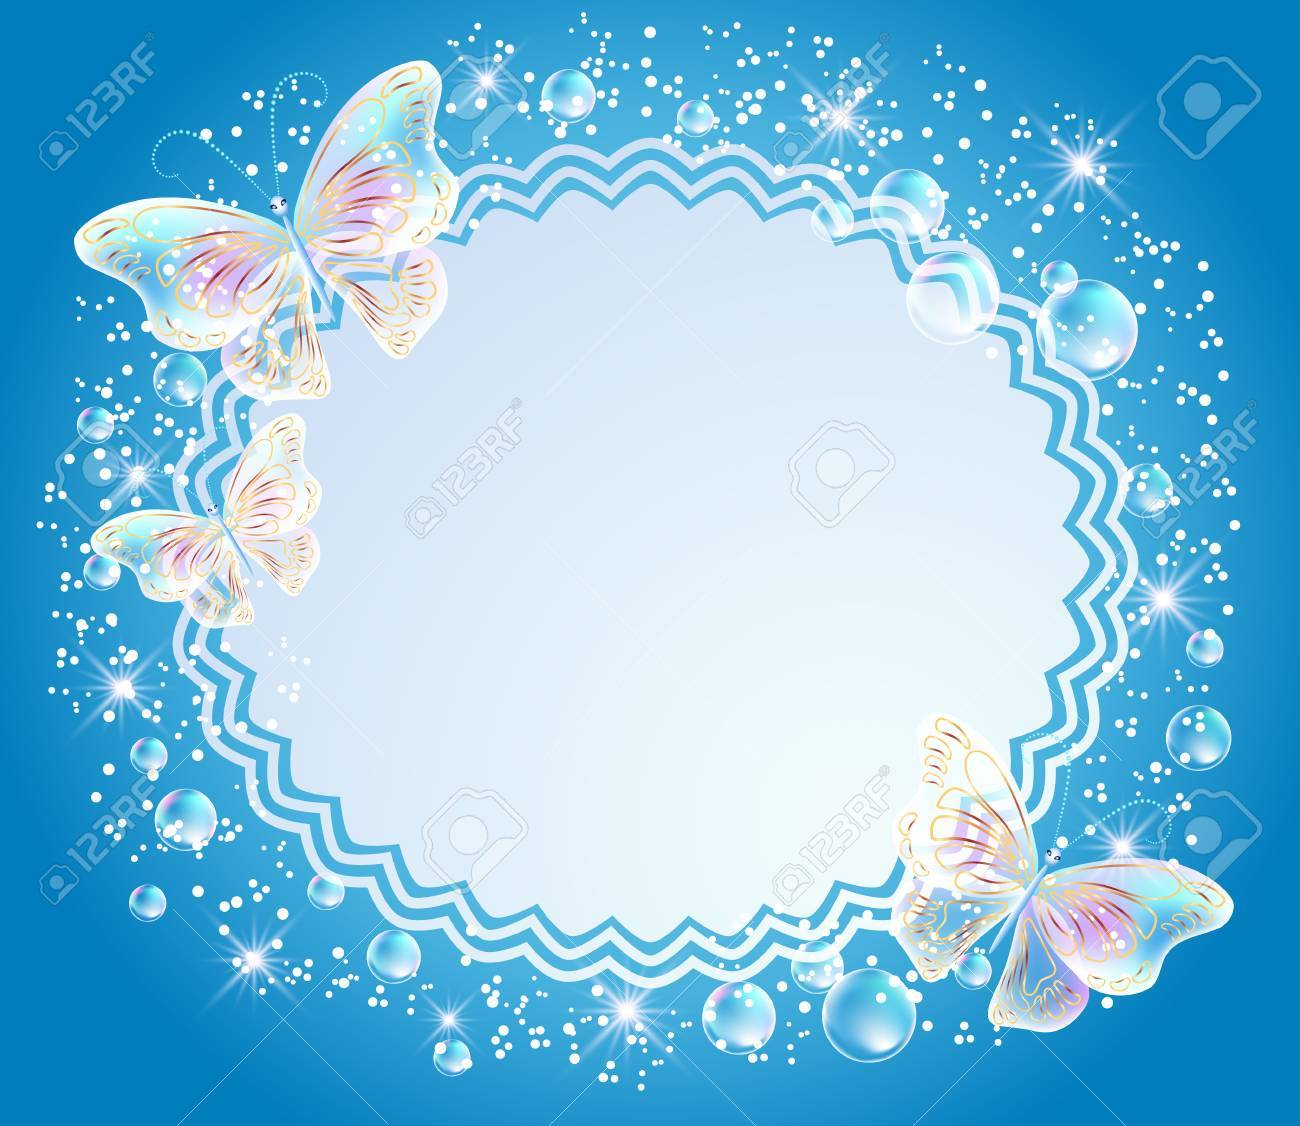 Fondo Mágico Con Mariposas Transparentes, El Marco De Calados Y Un ...